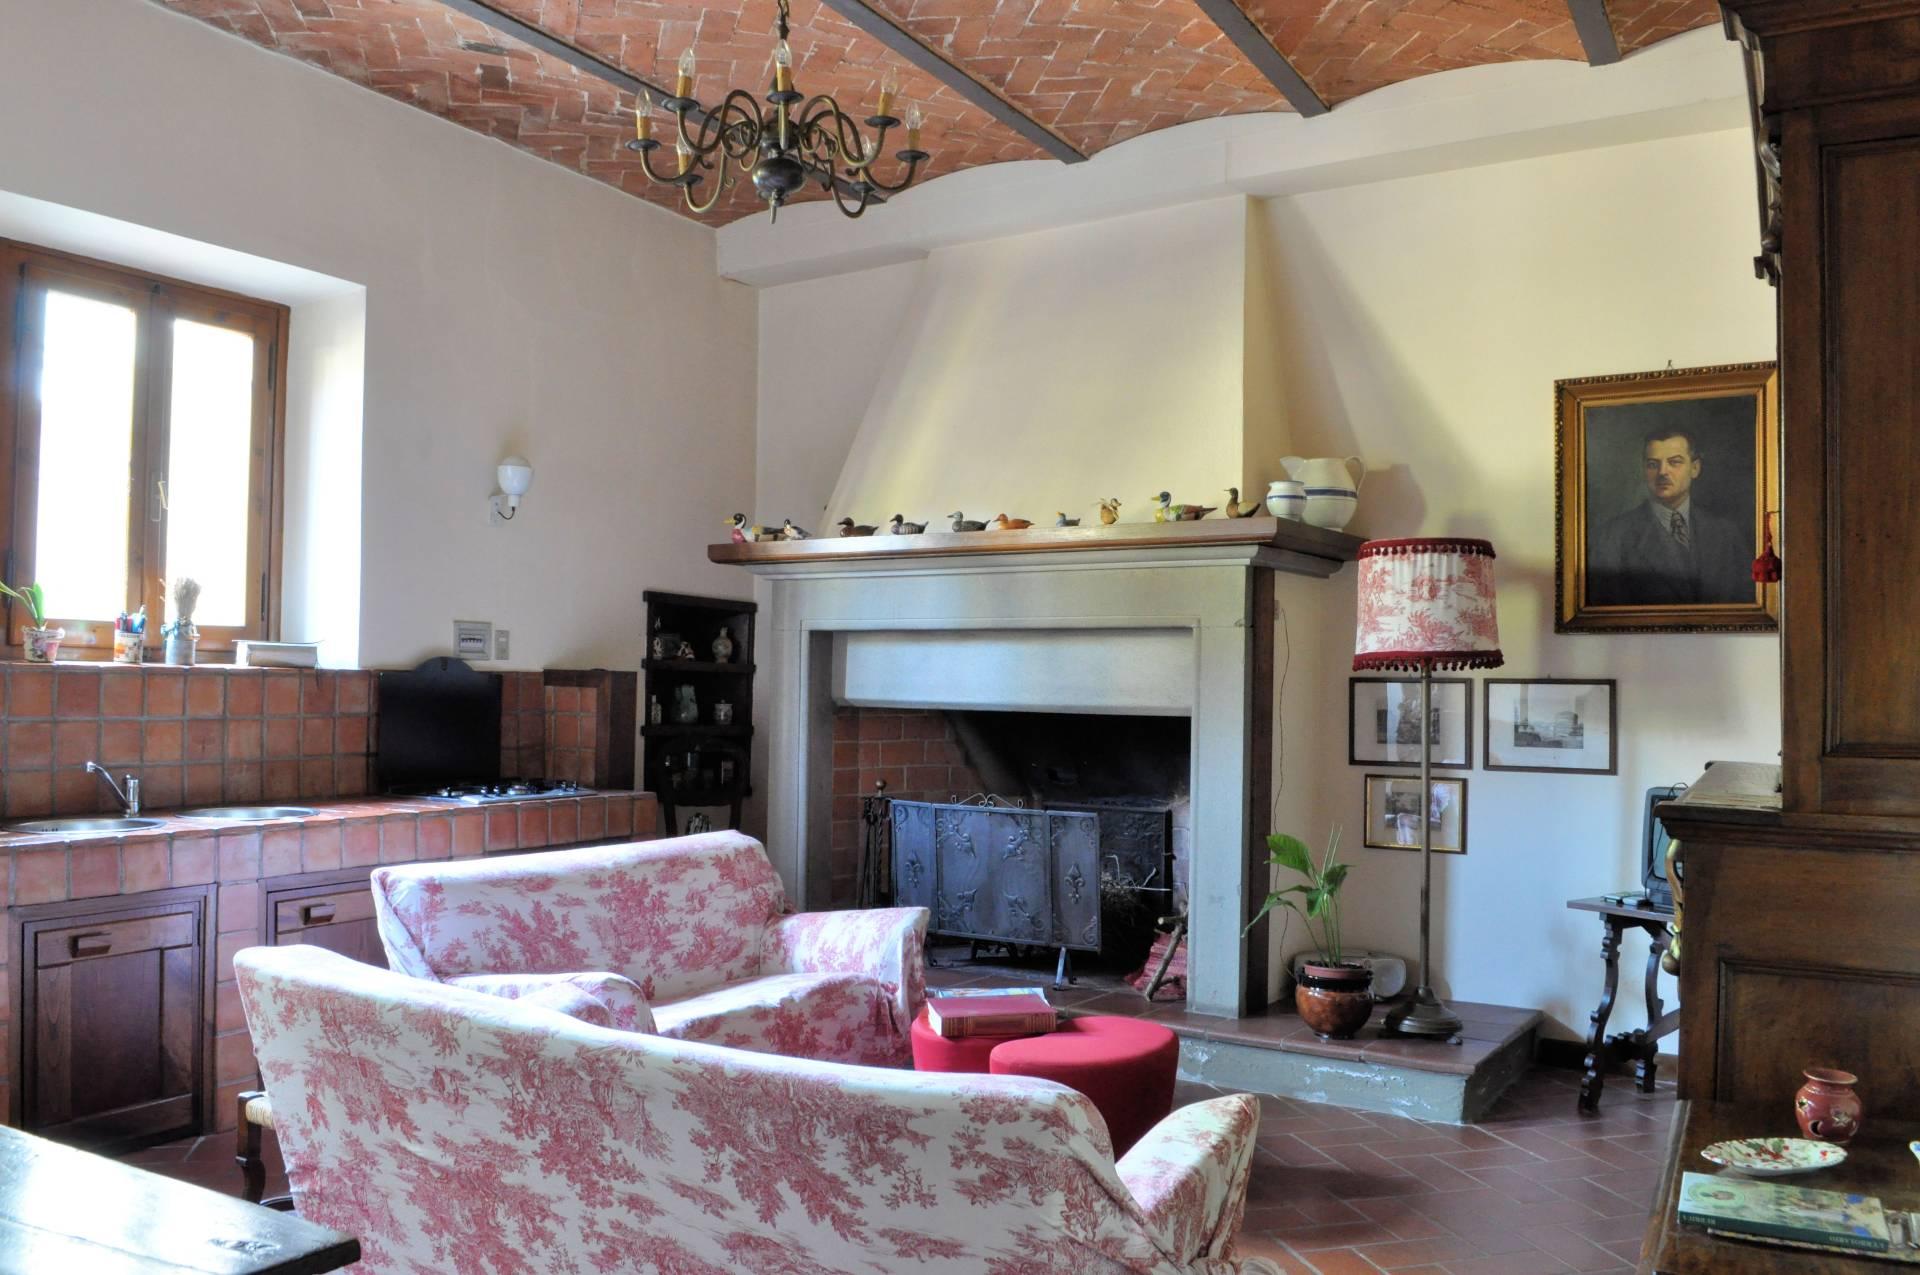 Soluzione Indipendente in vendita a Monsummano Terme, 9 locali, prezzo € 330.000 | CambioCasa.it